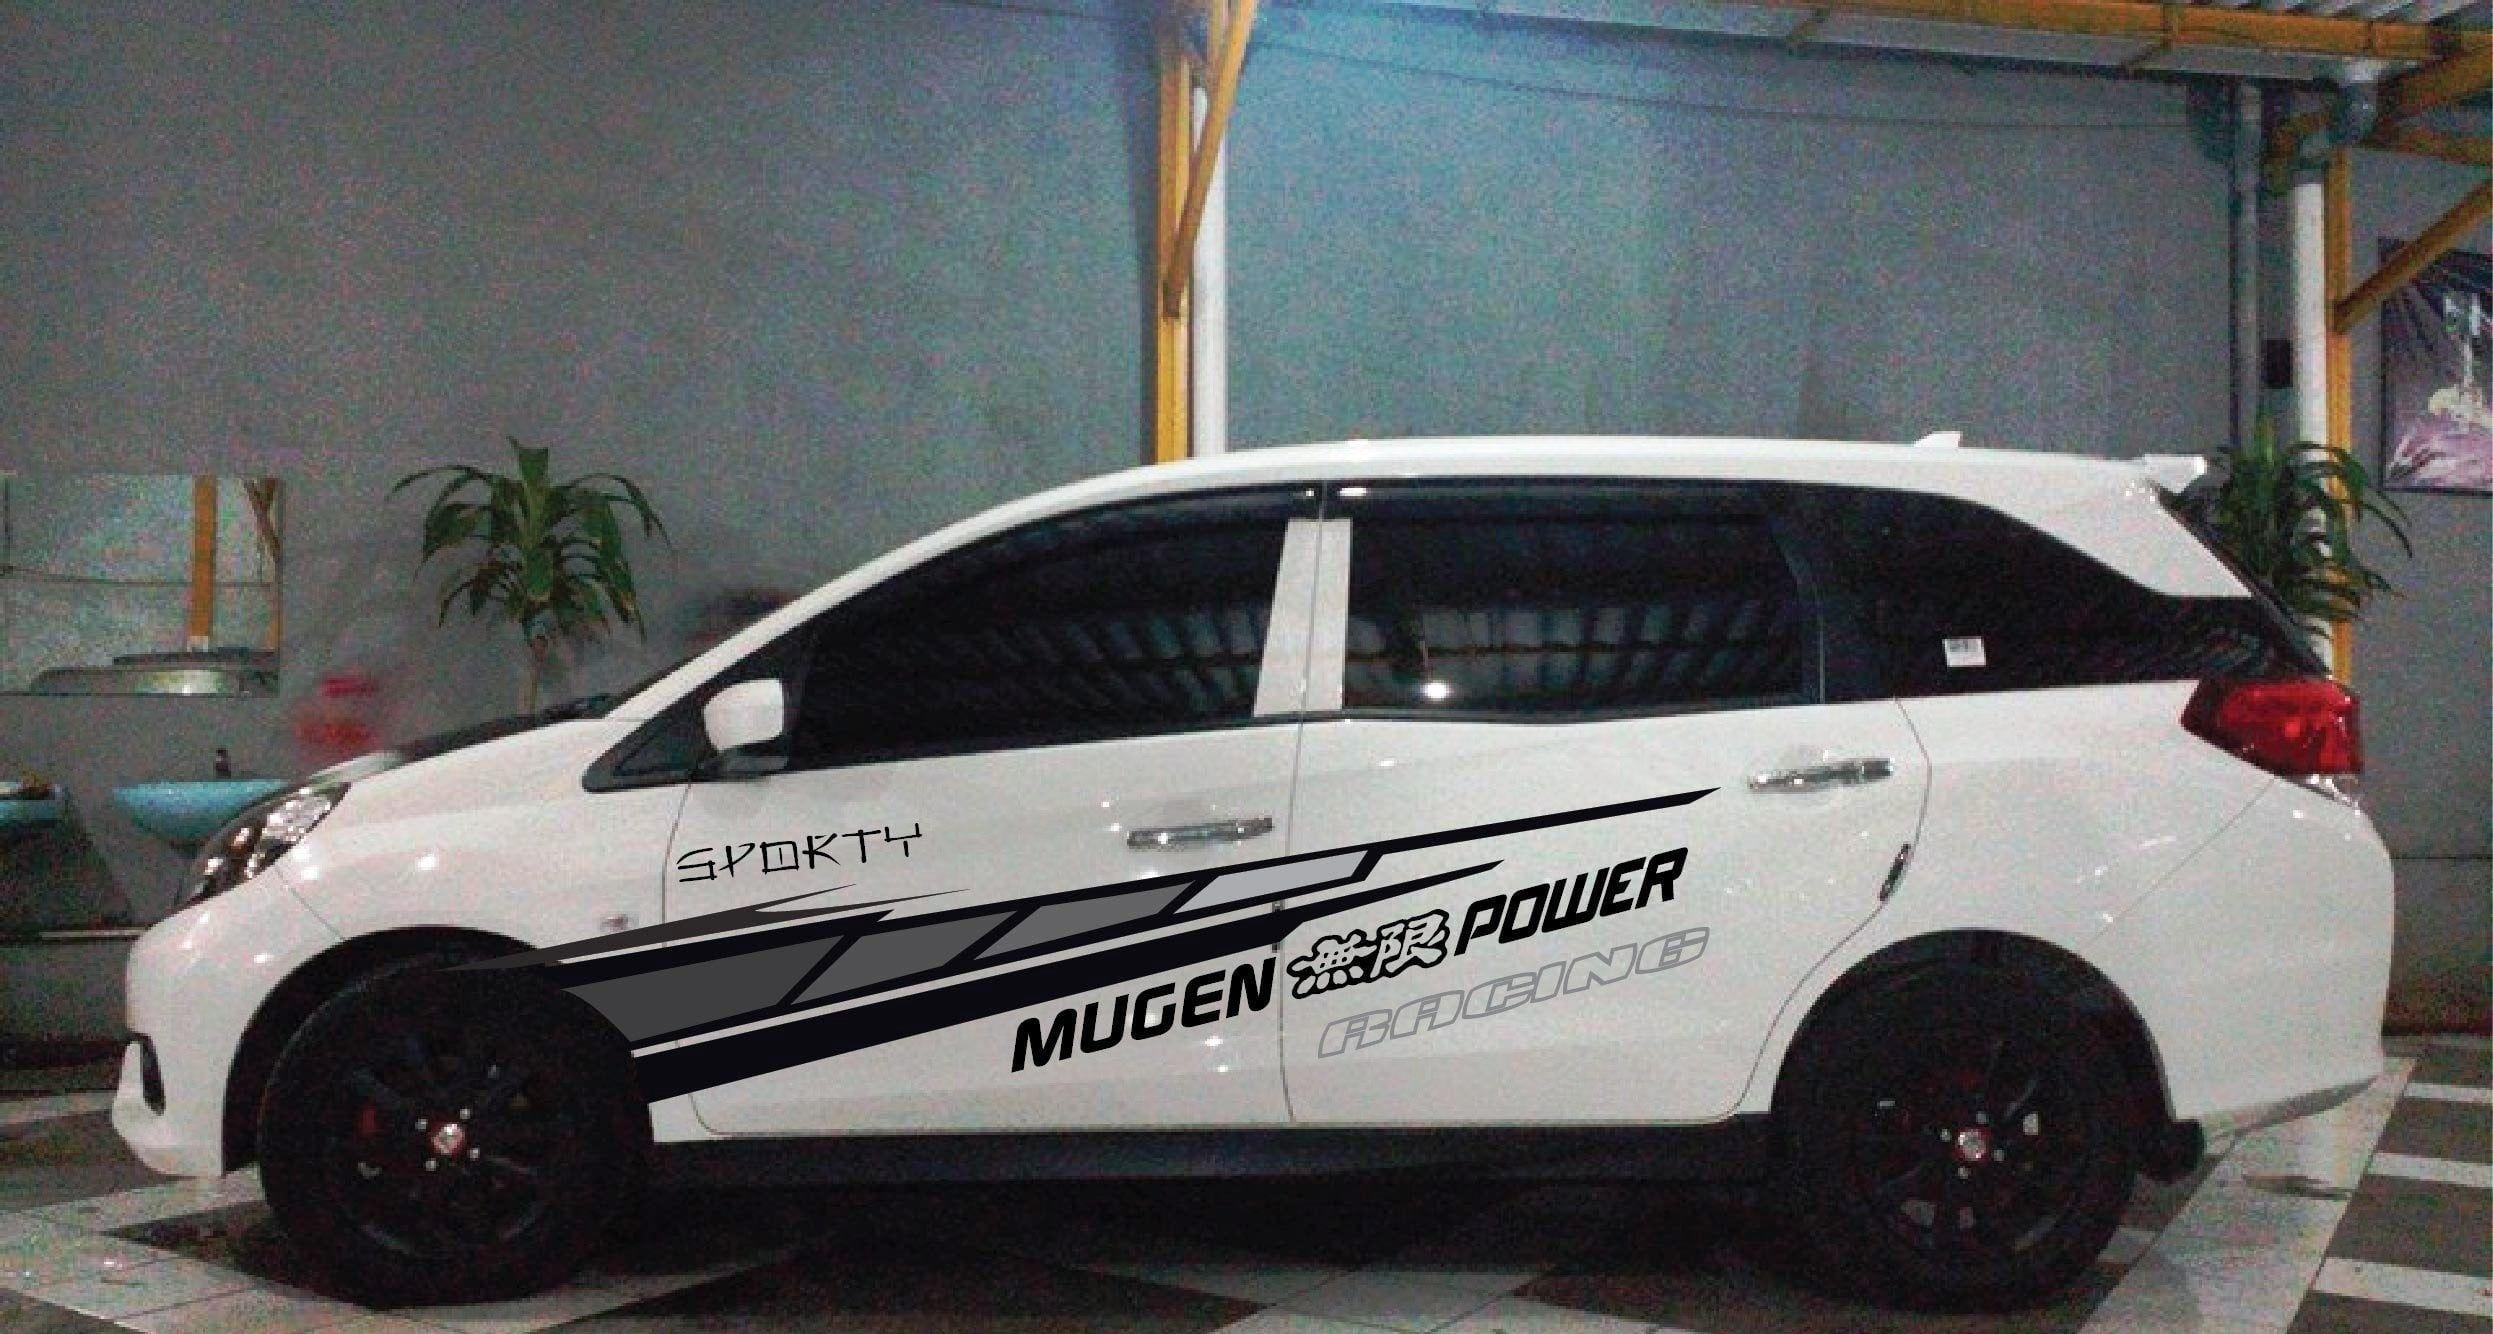 Modifikasi Mobil Avanza Veloz Putih Modifikasi Mobil Mobil Stiker Mobil